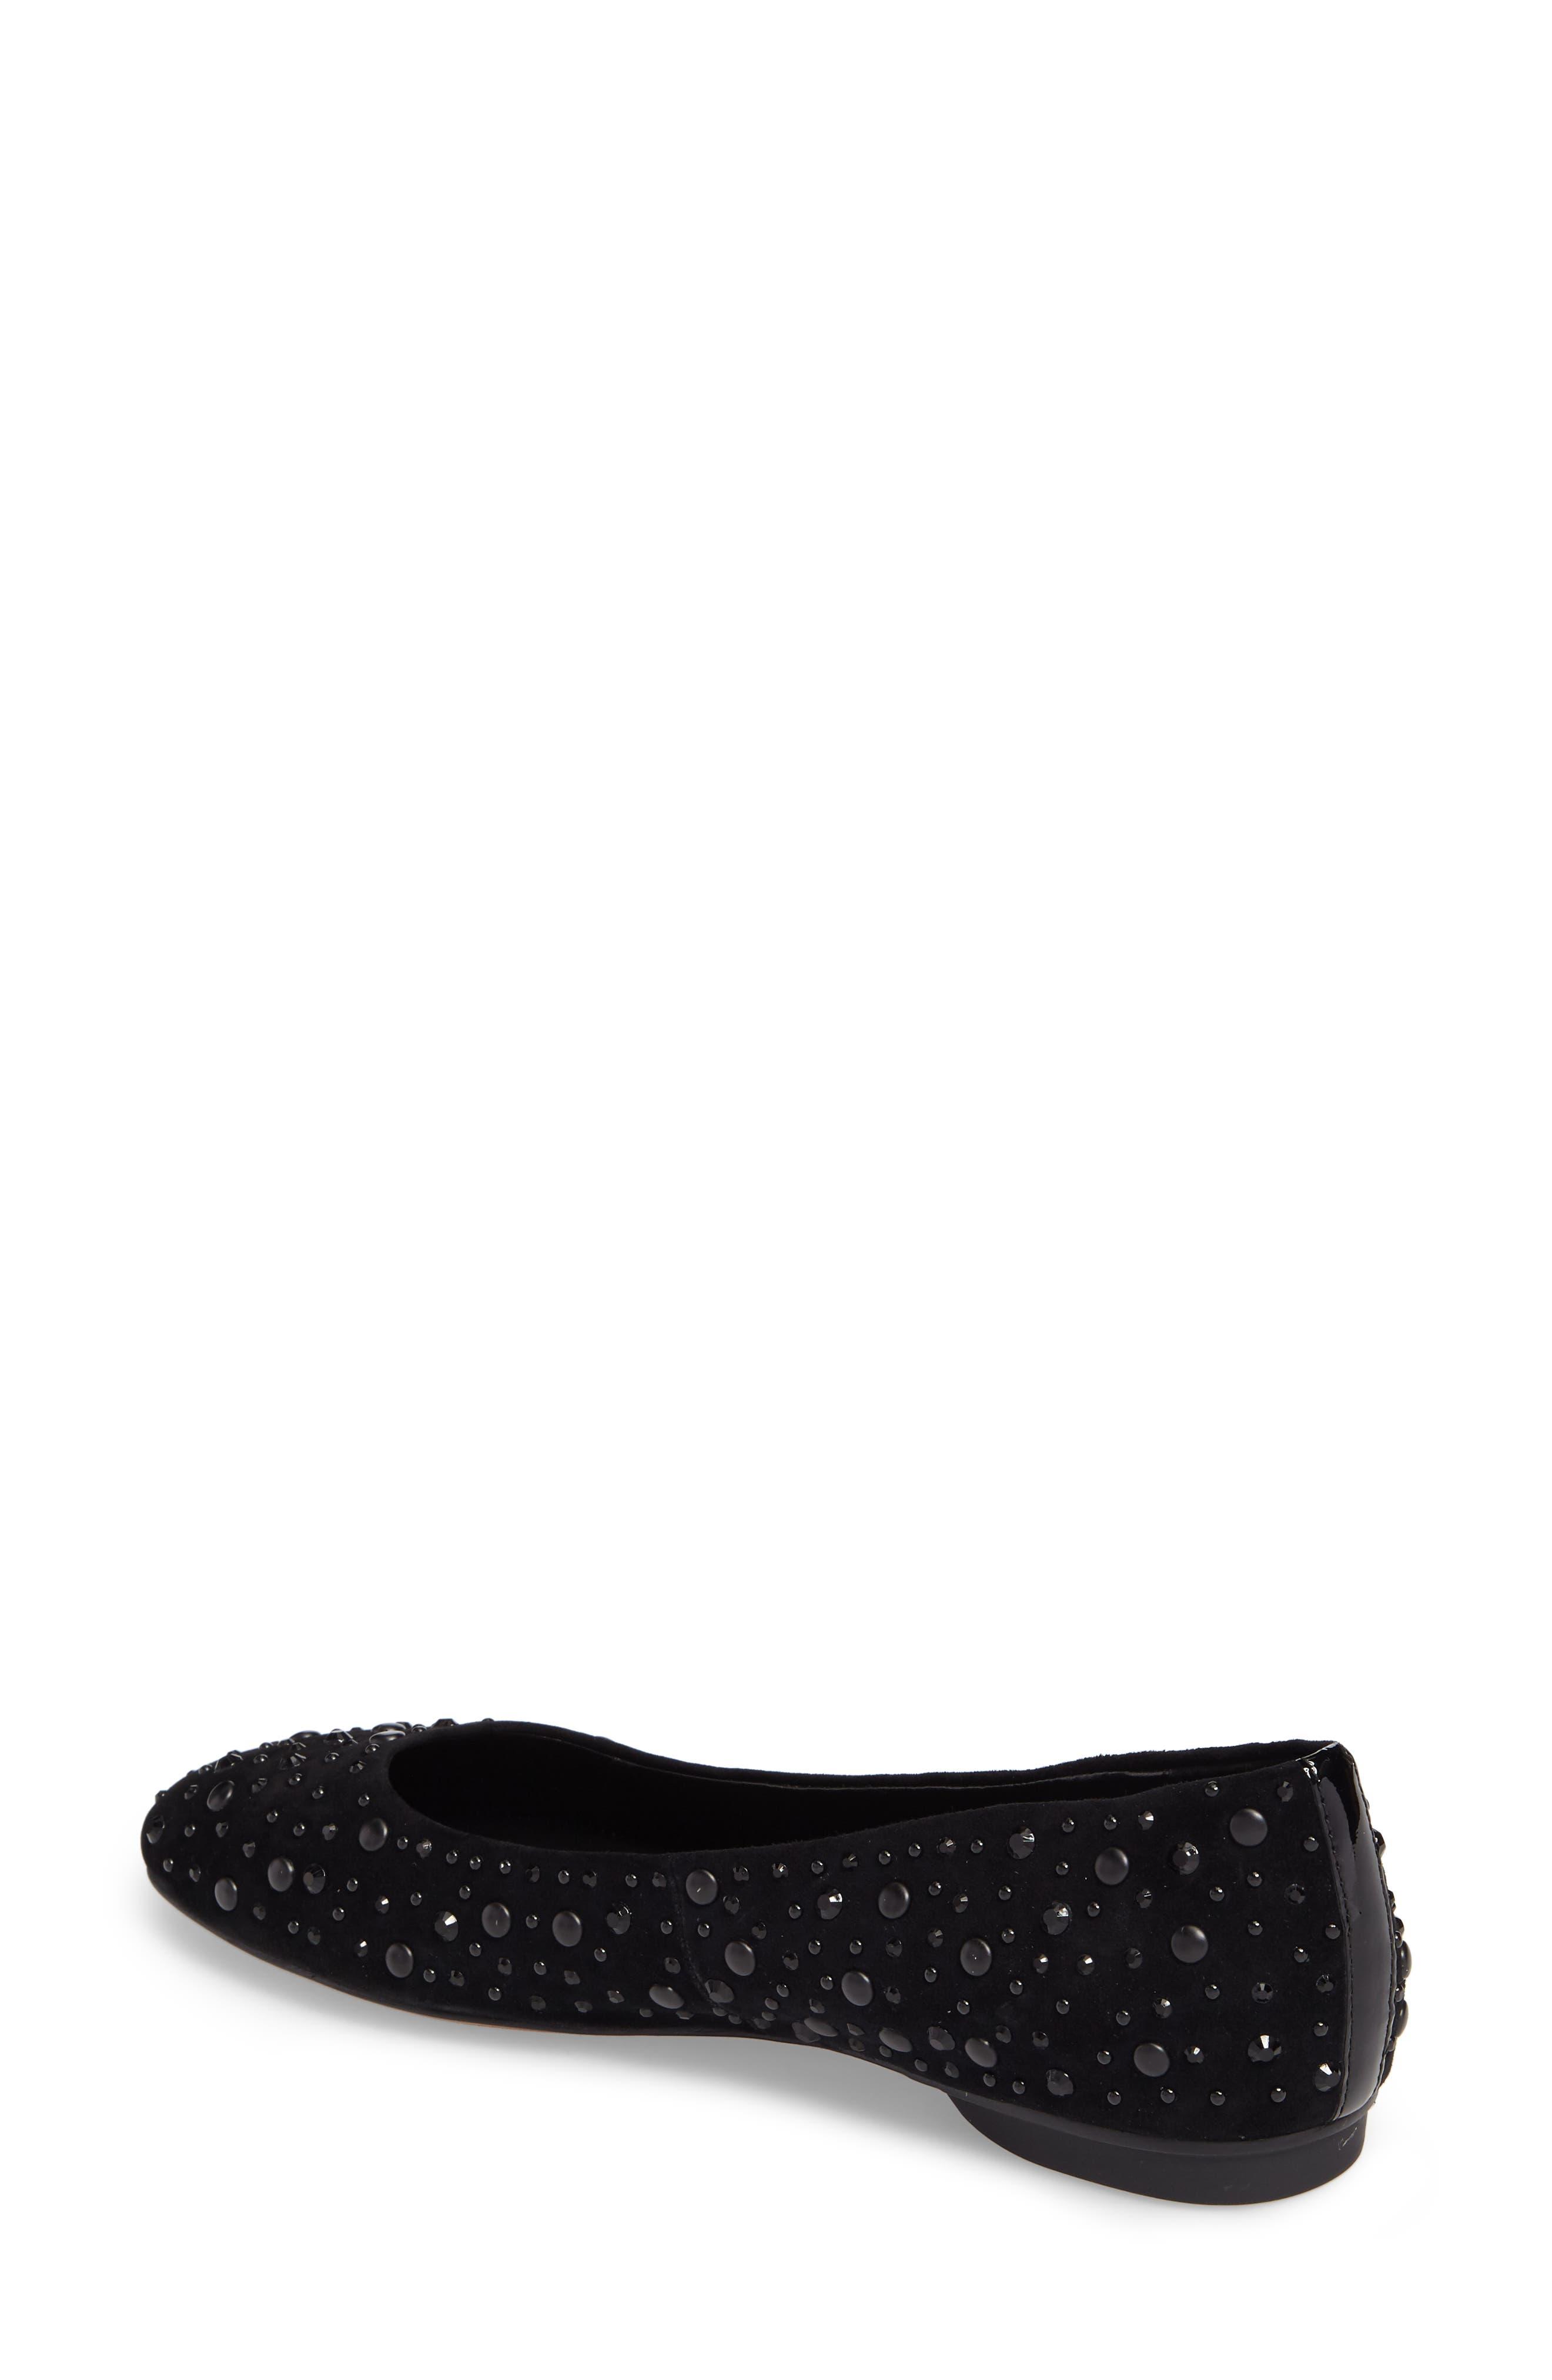 Dora Skimmer Flat,                             Alternate thumbnail 2, color,                             Black Leather